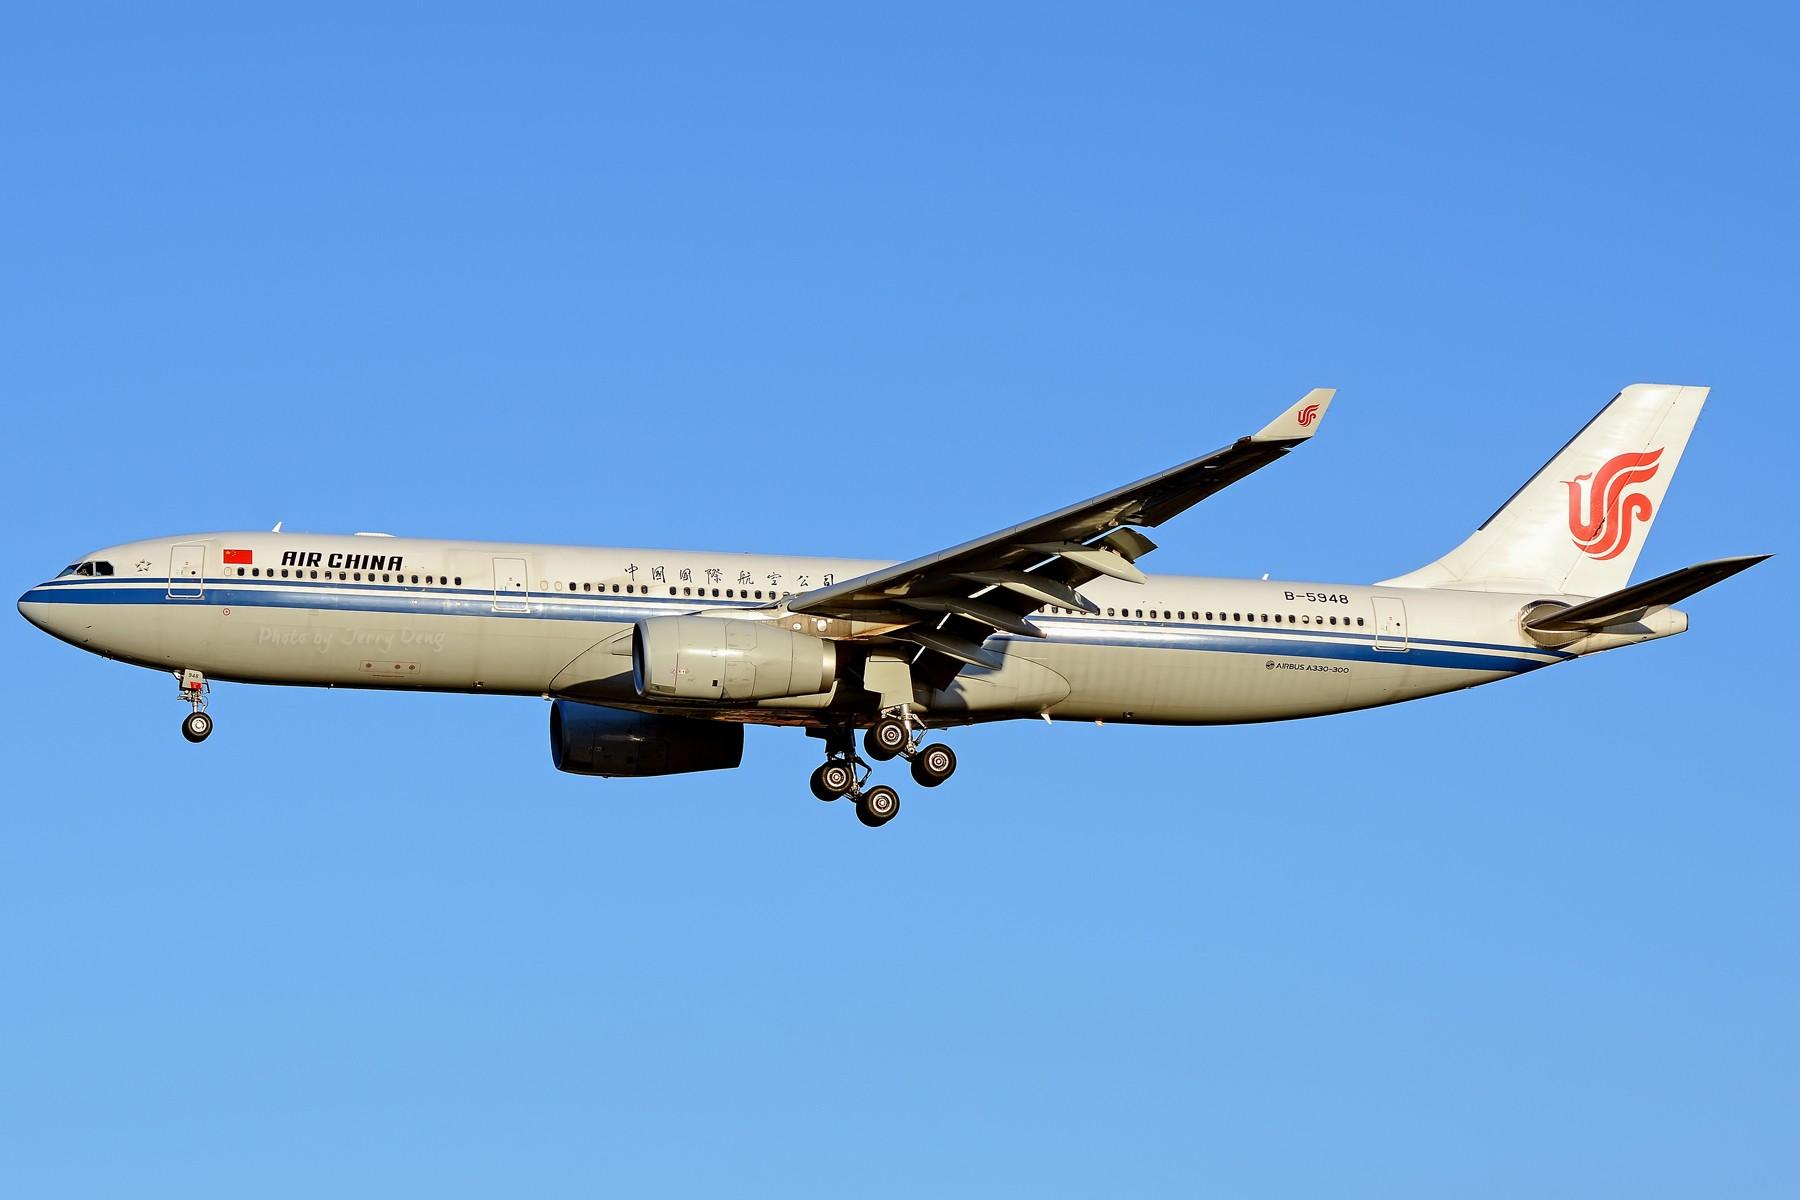 Re:[原创]【多图党】PEK落地一组国航系【2】 AIRBUS A330-300 B-5948 中国北京首都国际机场